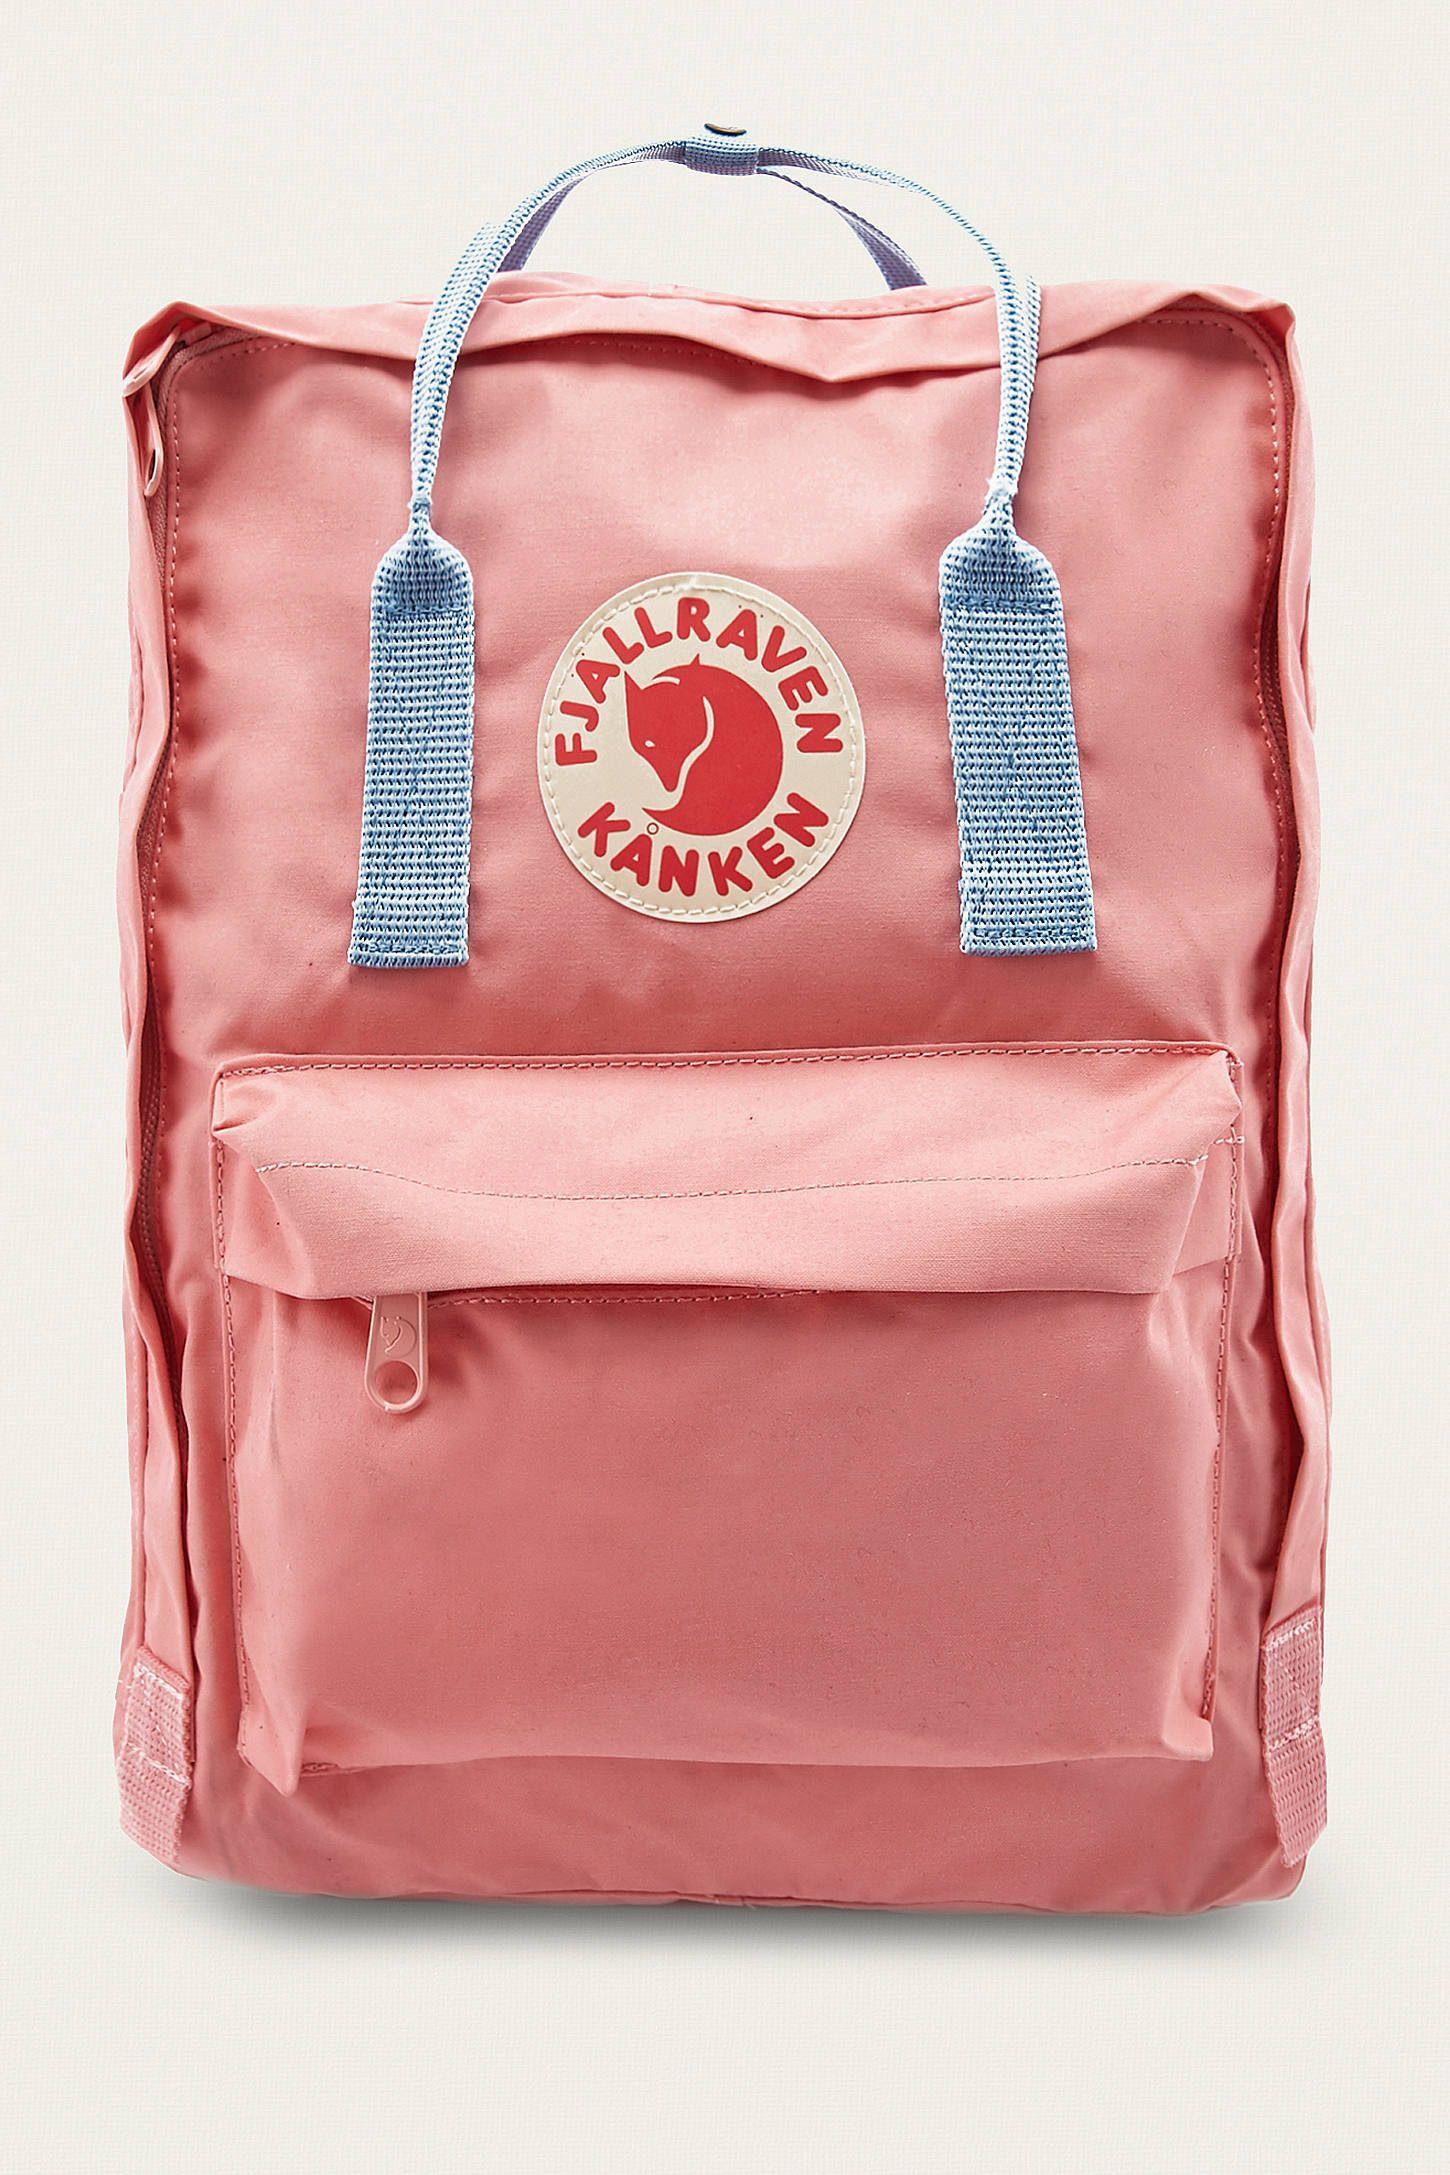 Fjallraven Kanken Pink & Air Blue Backpack en 2020 Sac